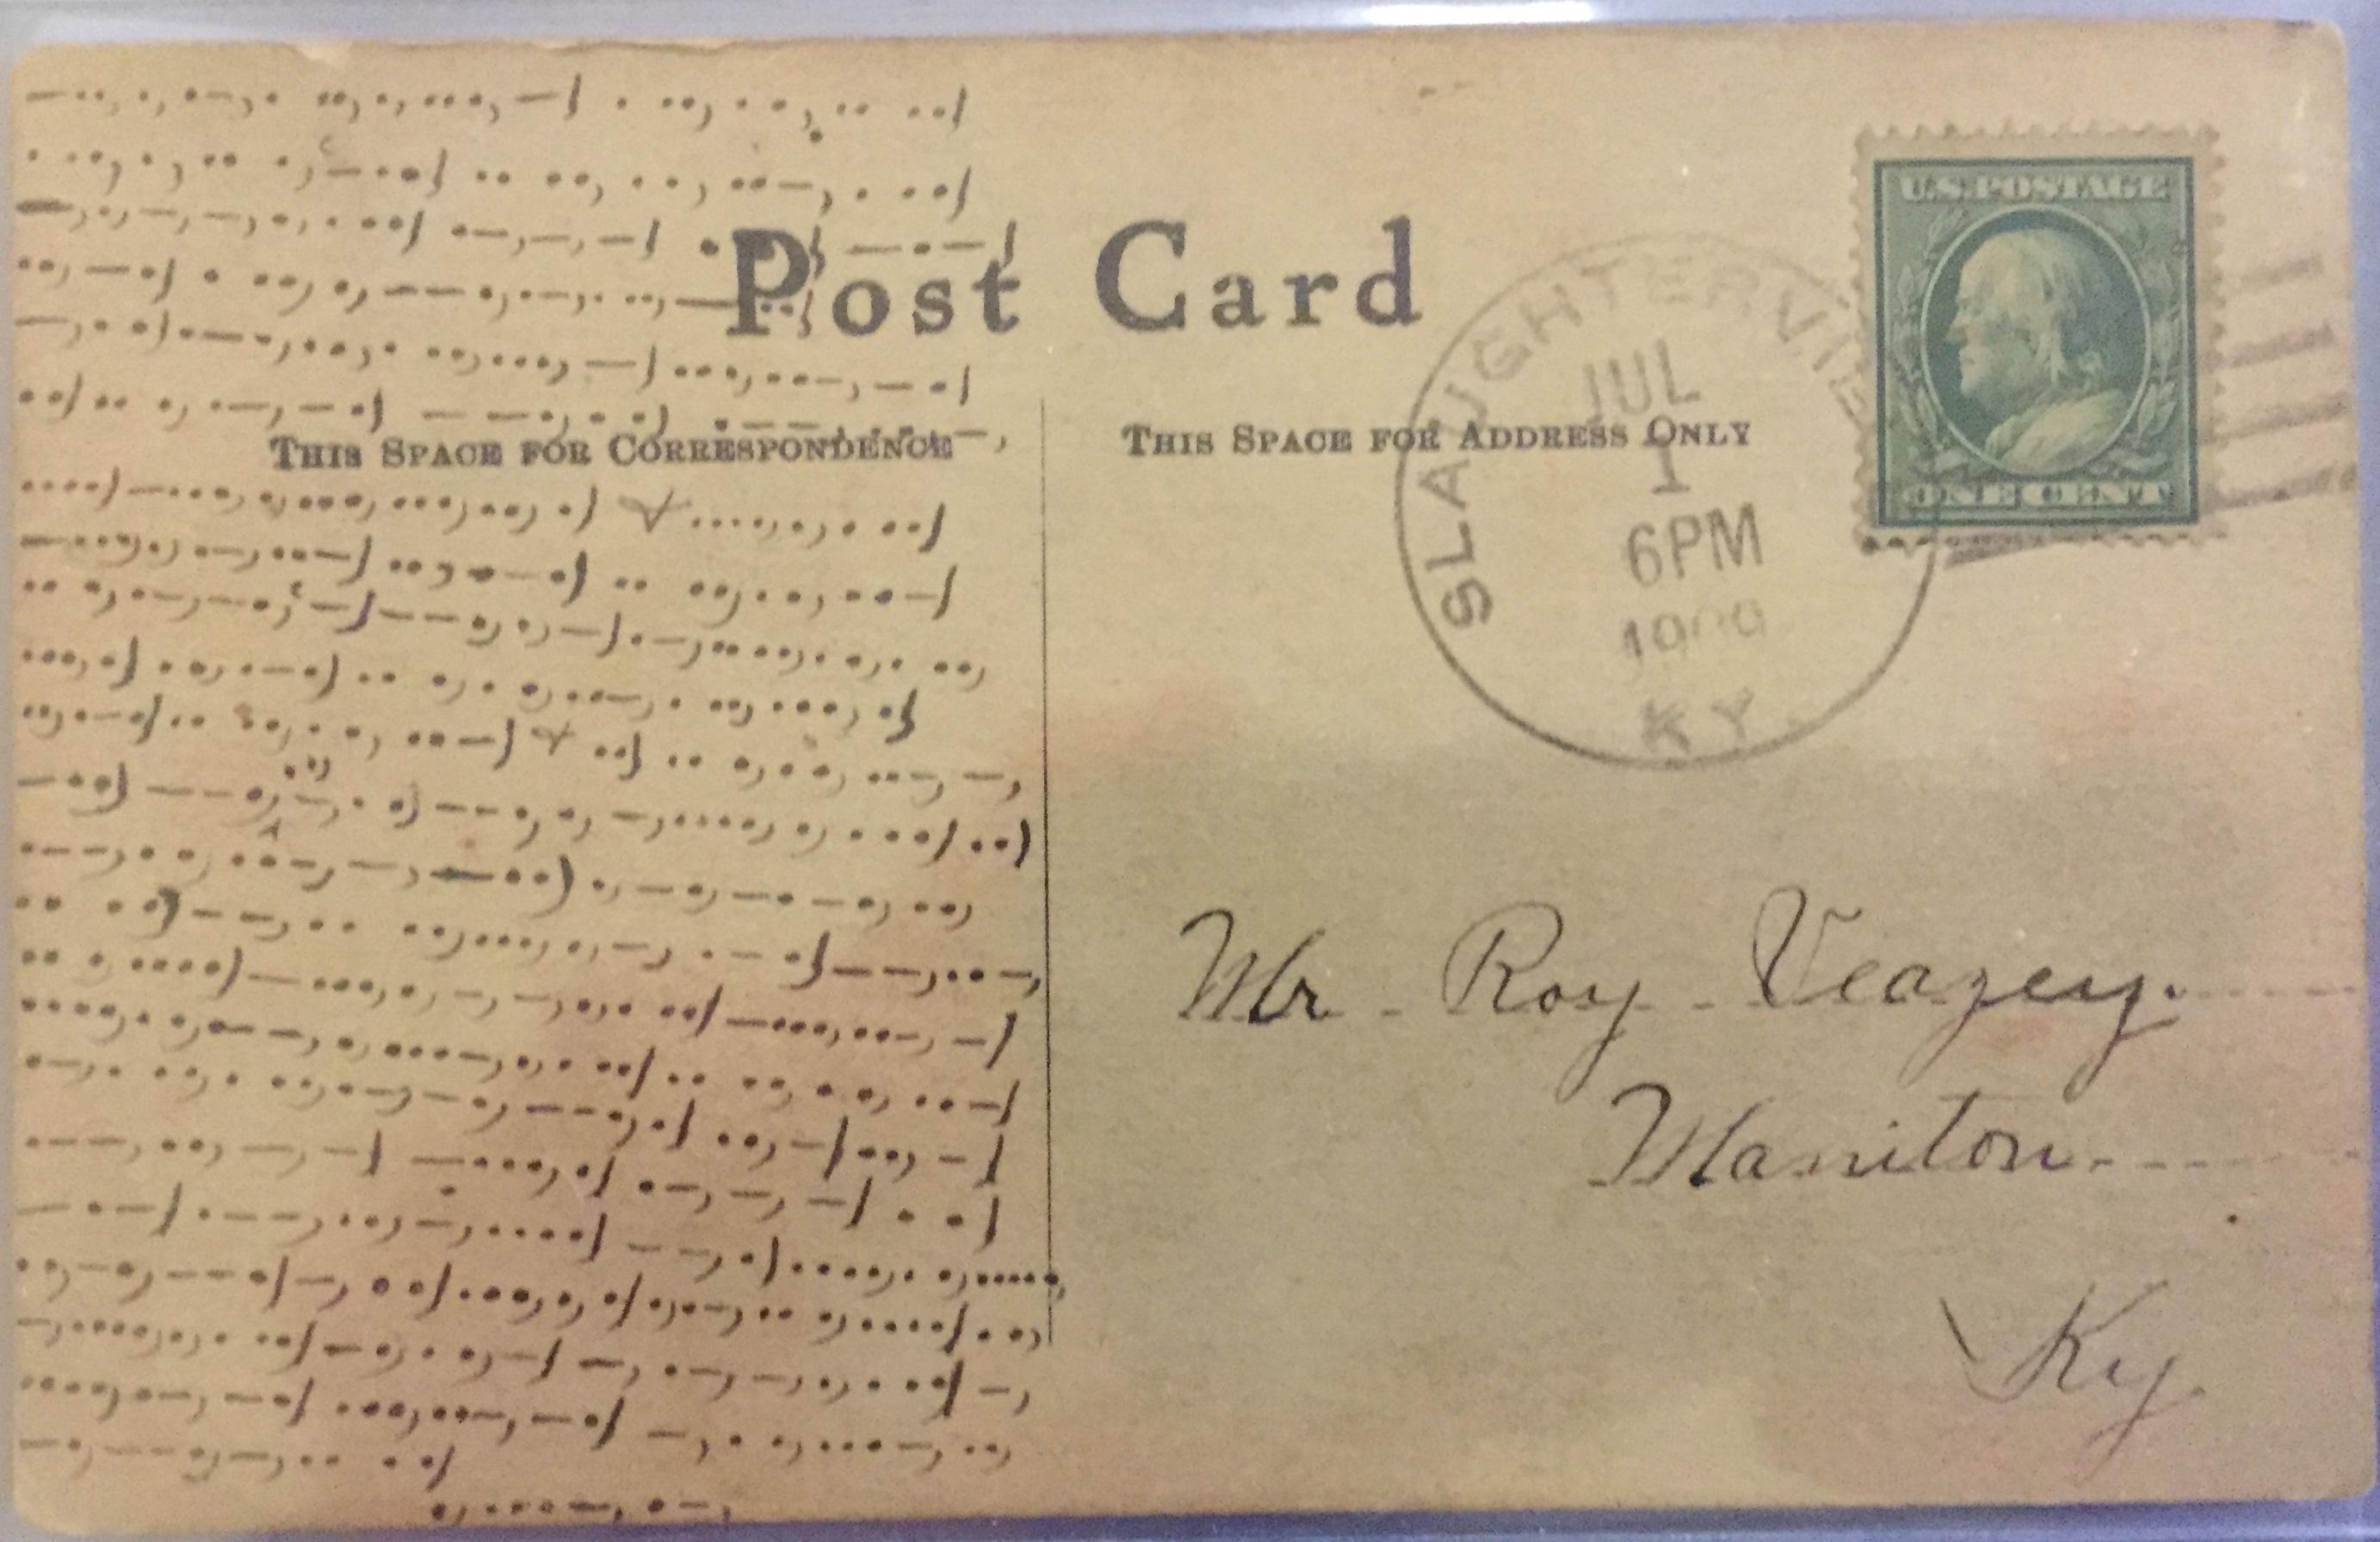 Postcards-Morse-Borges (6)